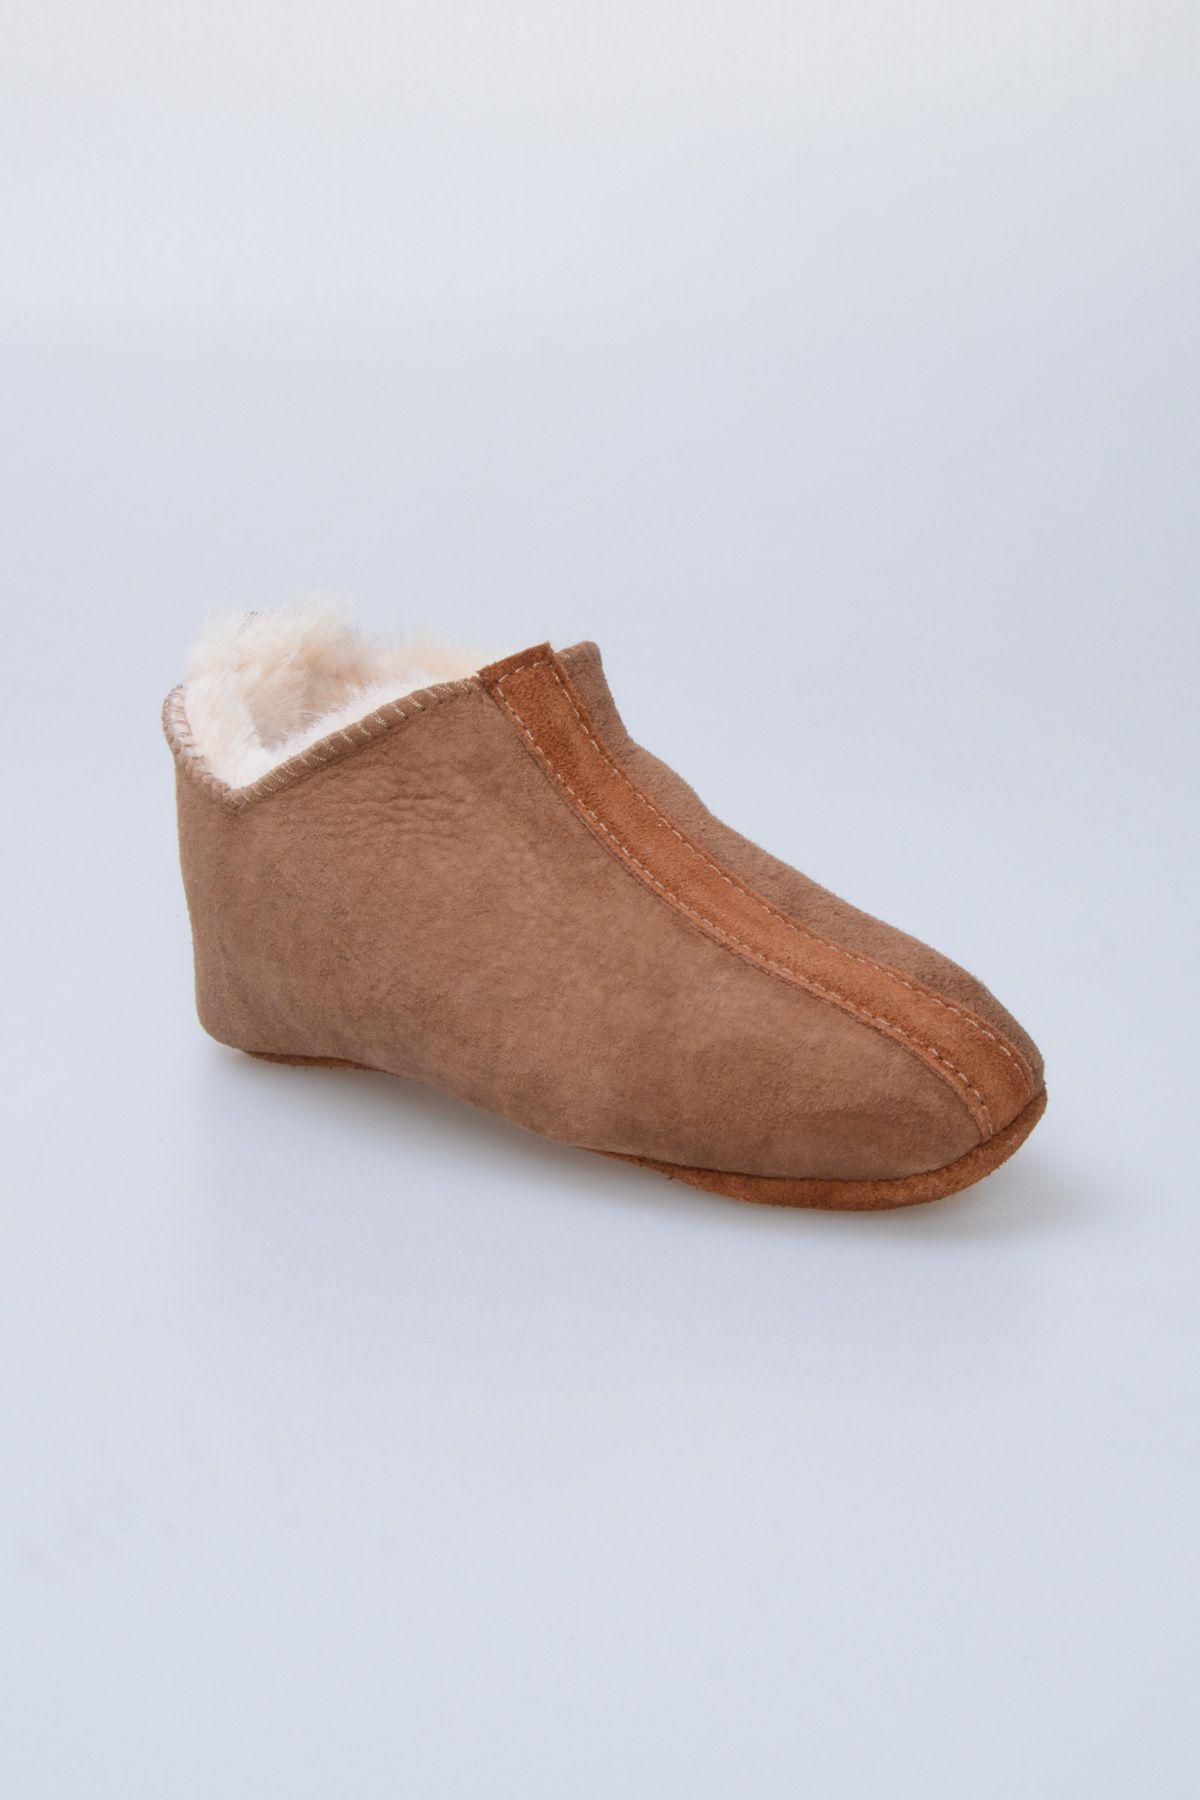 Pegia Hakiki Kürklü Çocuk Ev Ayakkabısı 880242 Taba